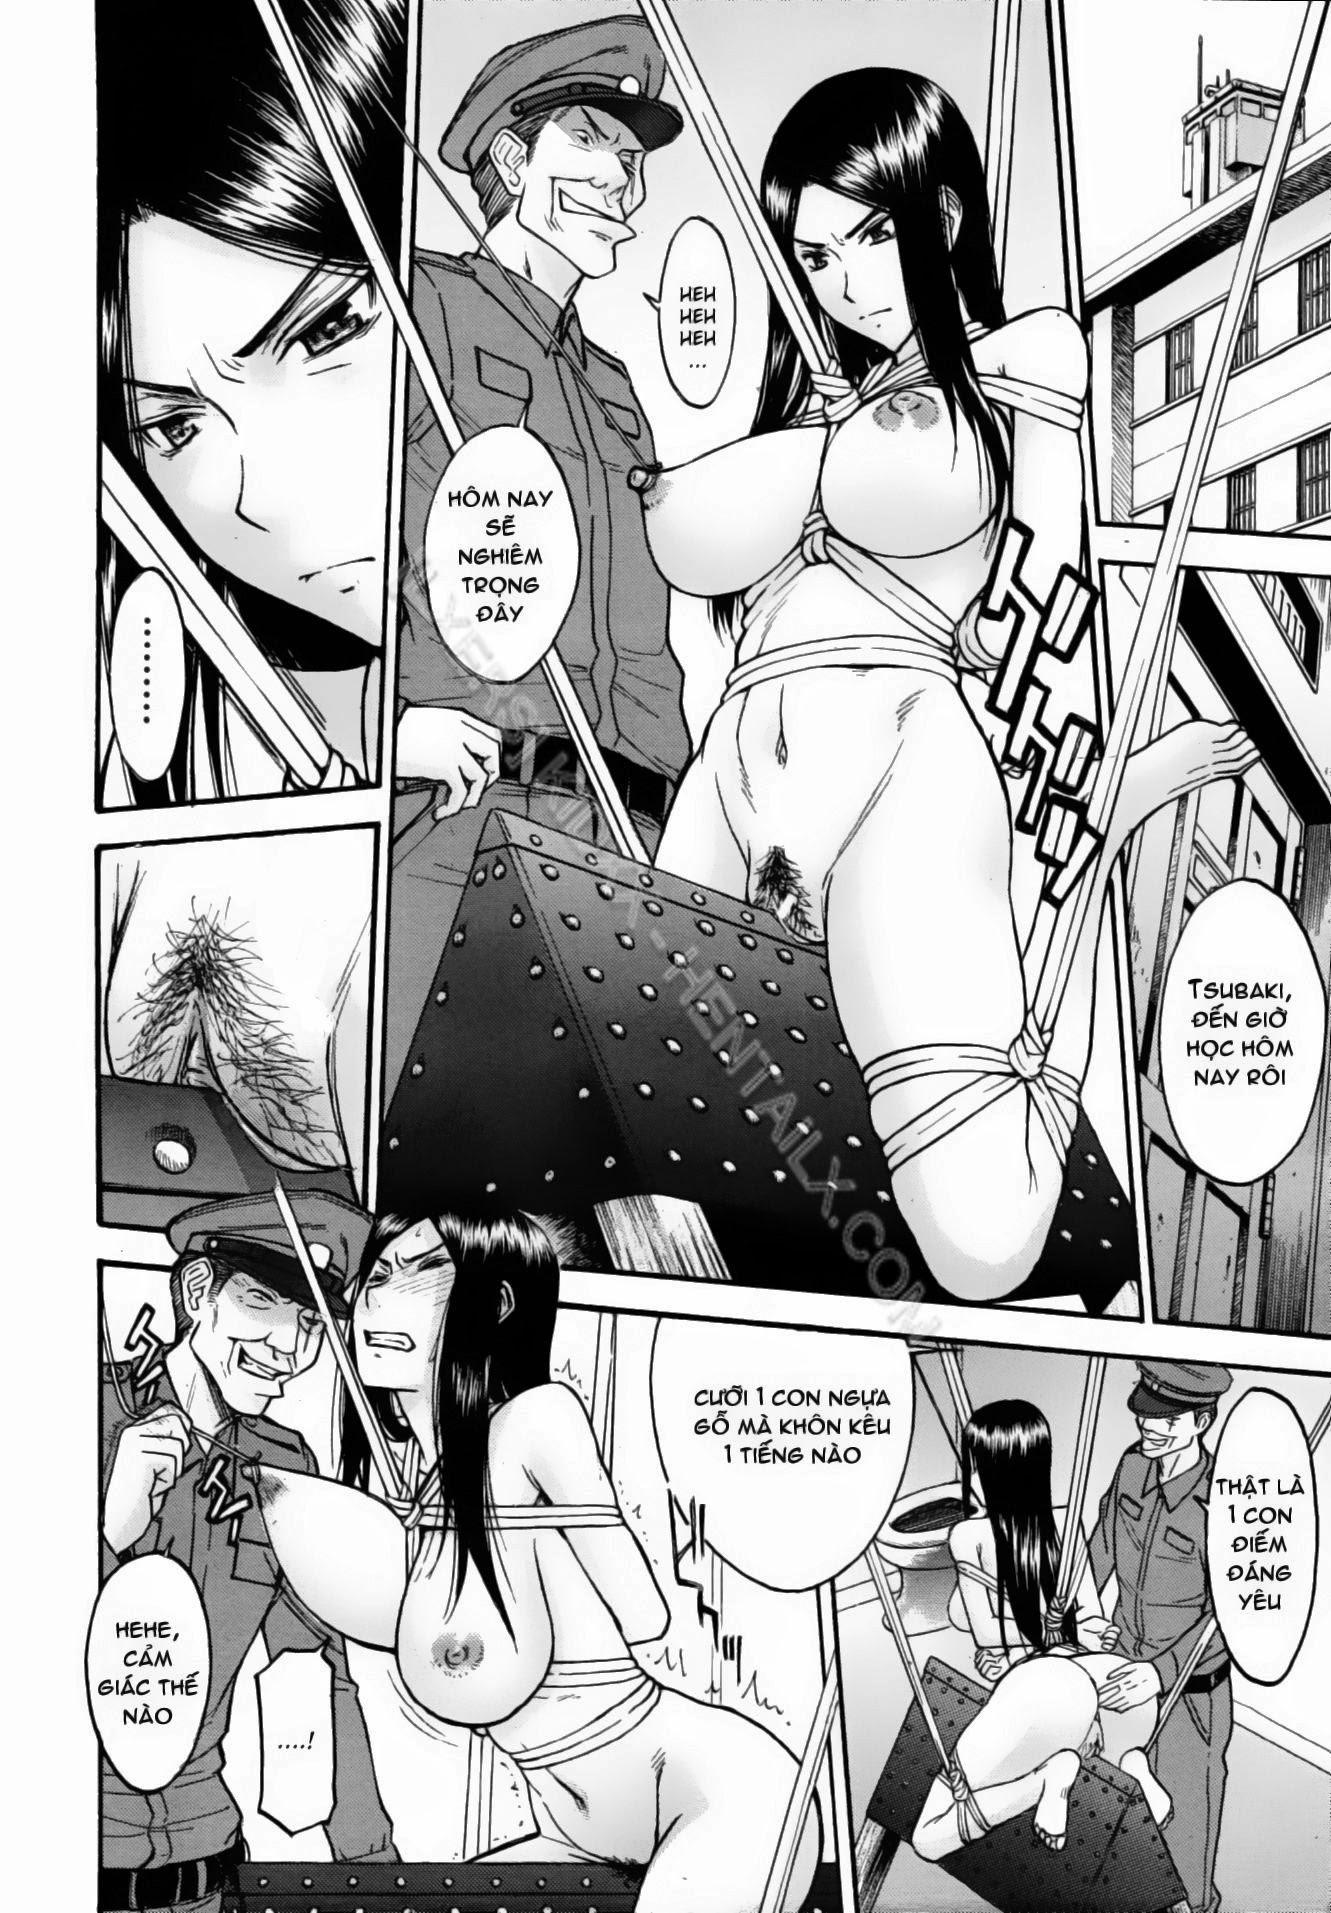 Hình ảnh Hinh004 in Sex Bạo Dâm Dây Trói Xiềng Xích [Uncen]